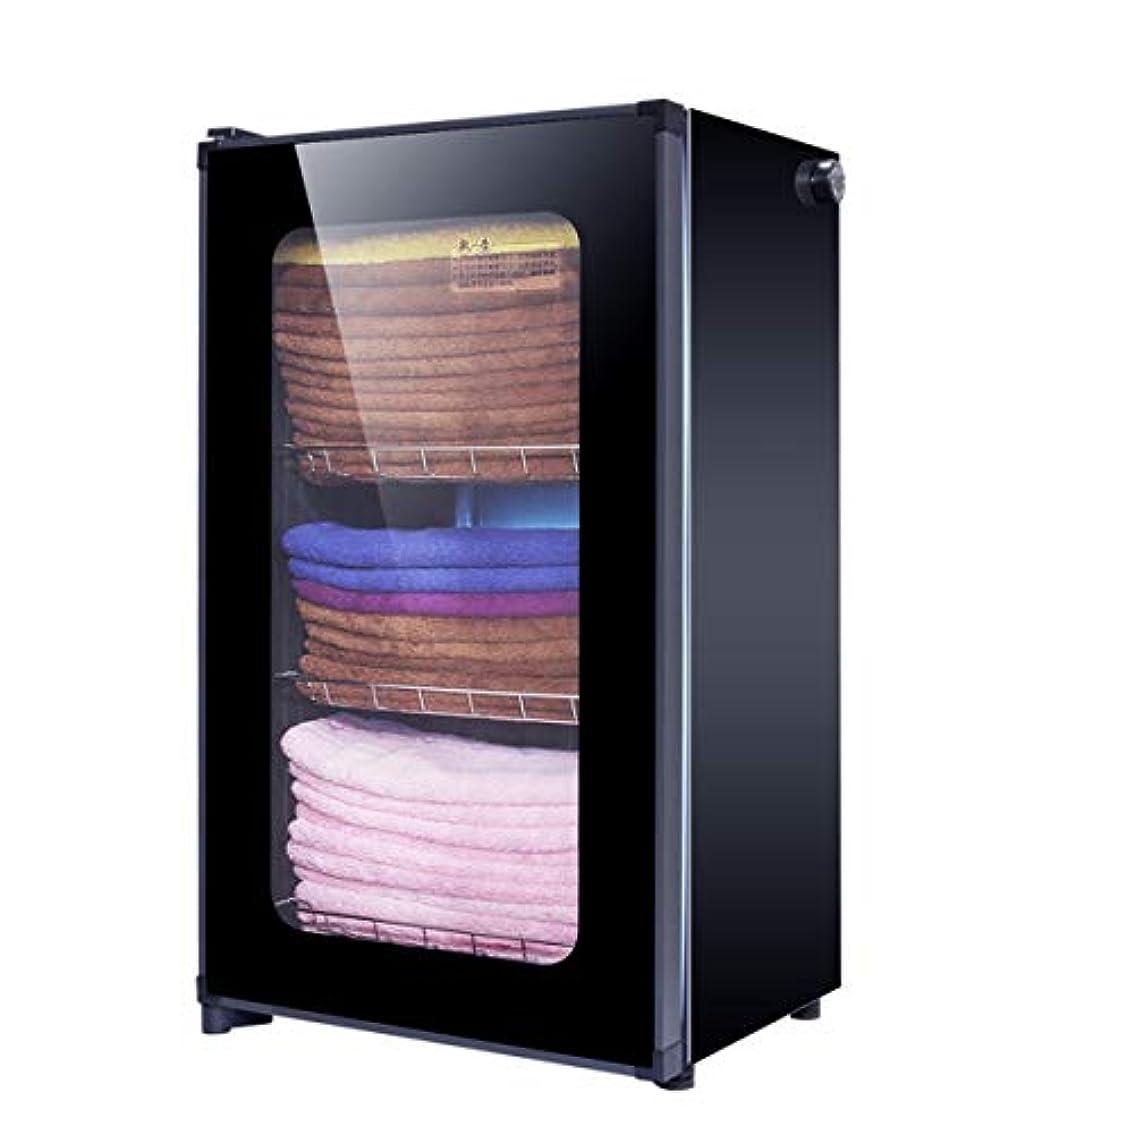 貸すボンドニンニクタオルヒーター/タオルウォーマー80L UV殺菌タオル殺菌ツールスパサロンマニキュア美容